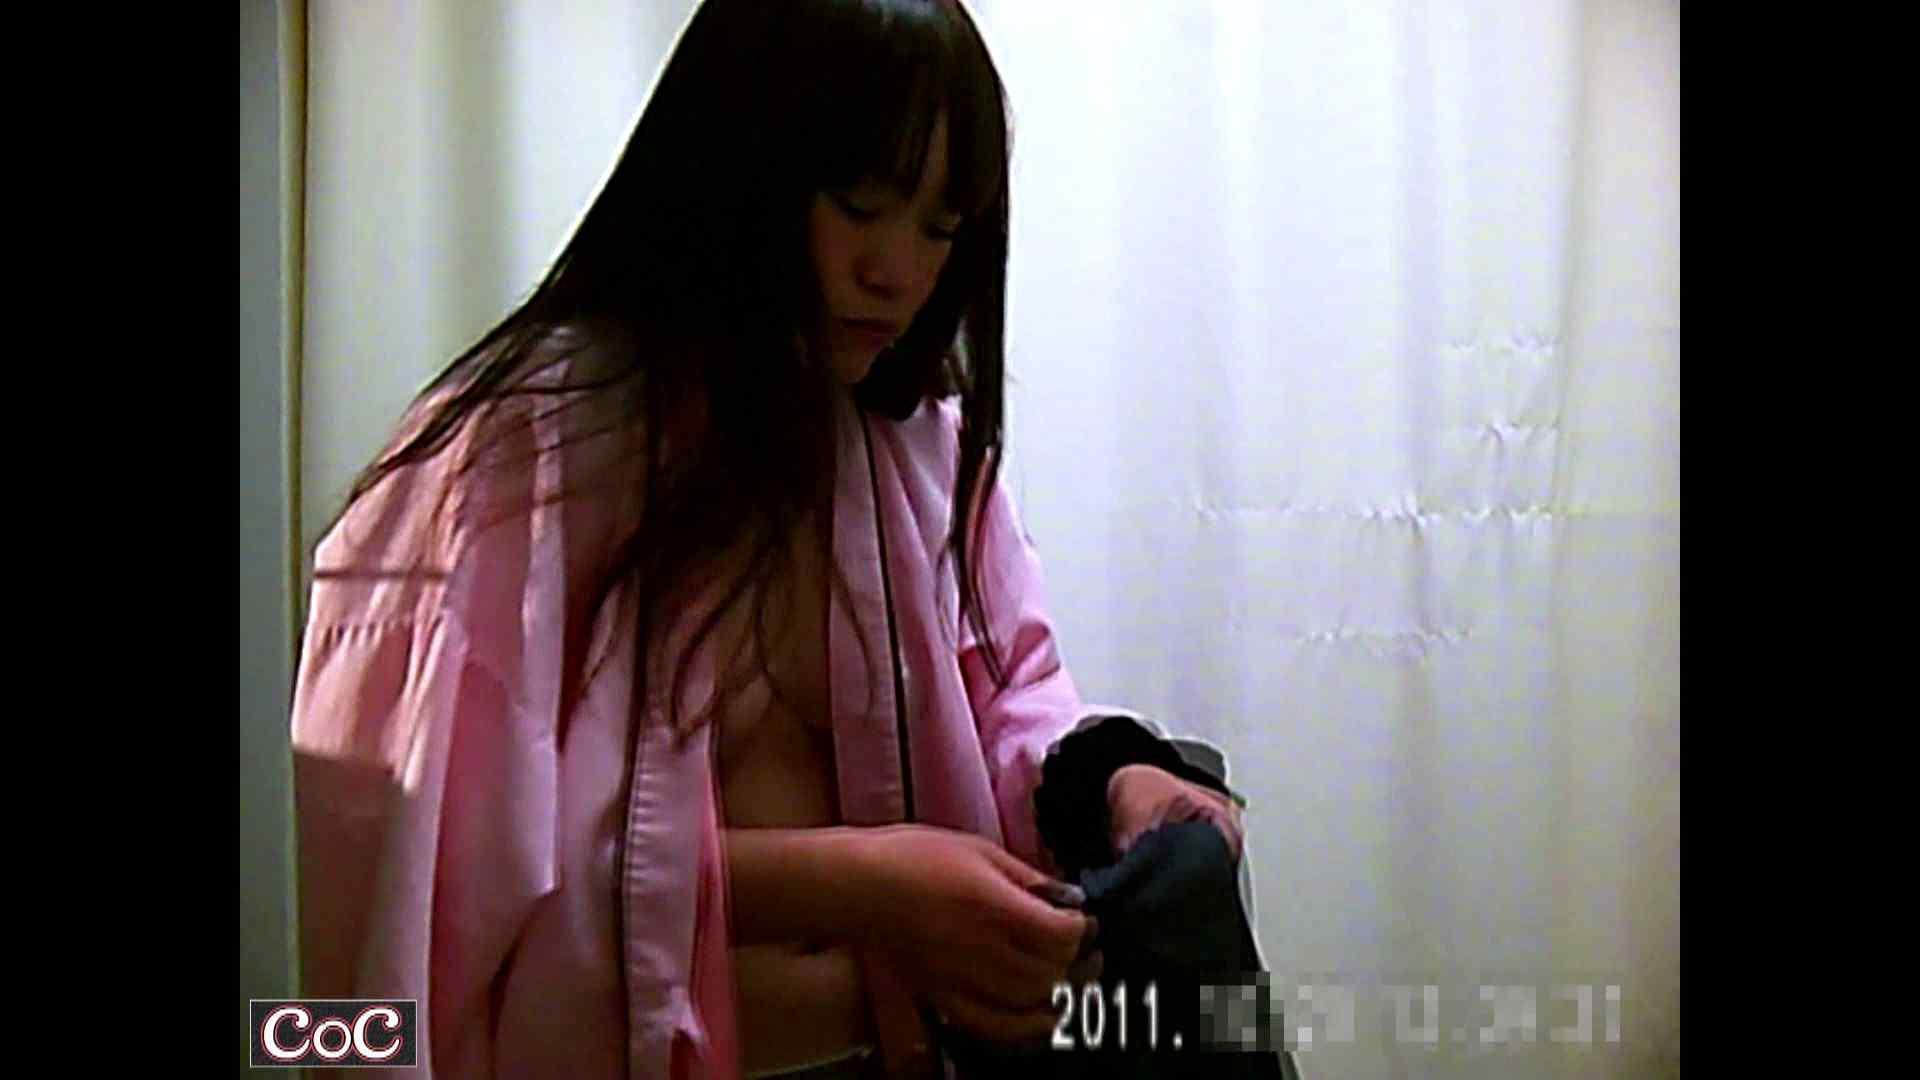 病院おもいっきり着替え! vol.65 貧乳 オマンコ無修正動画無料 89連発 23